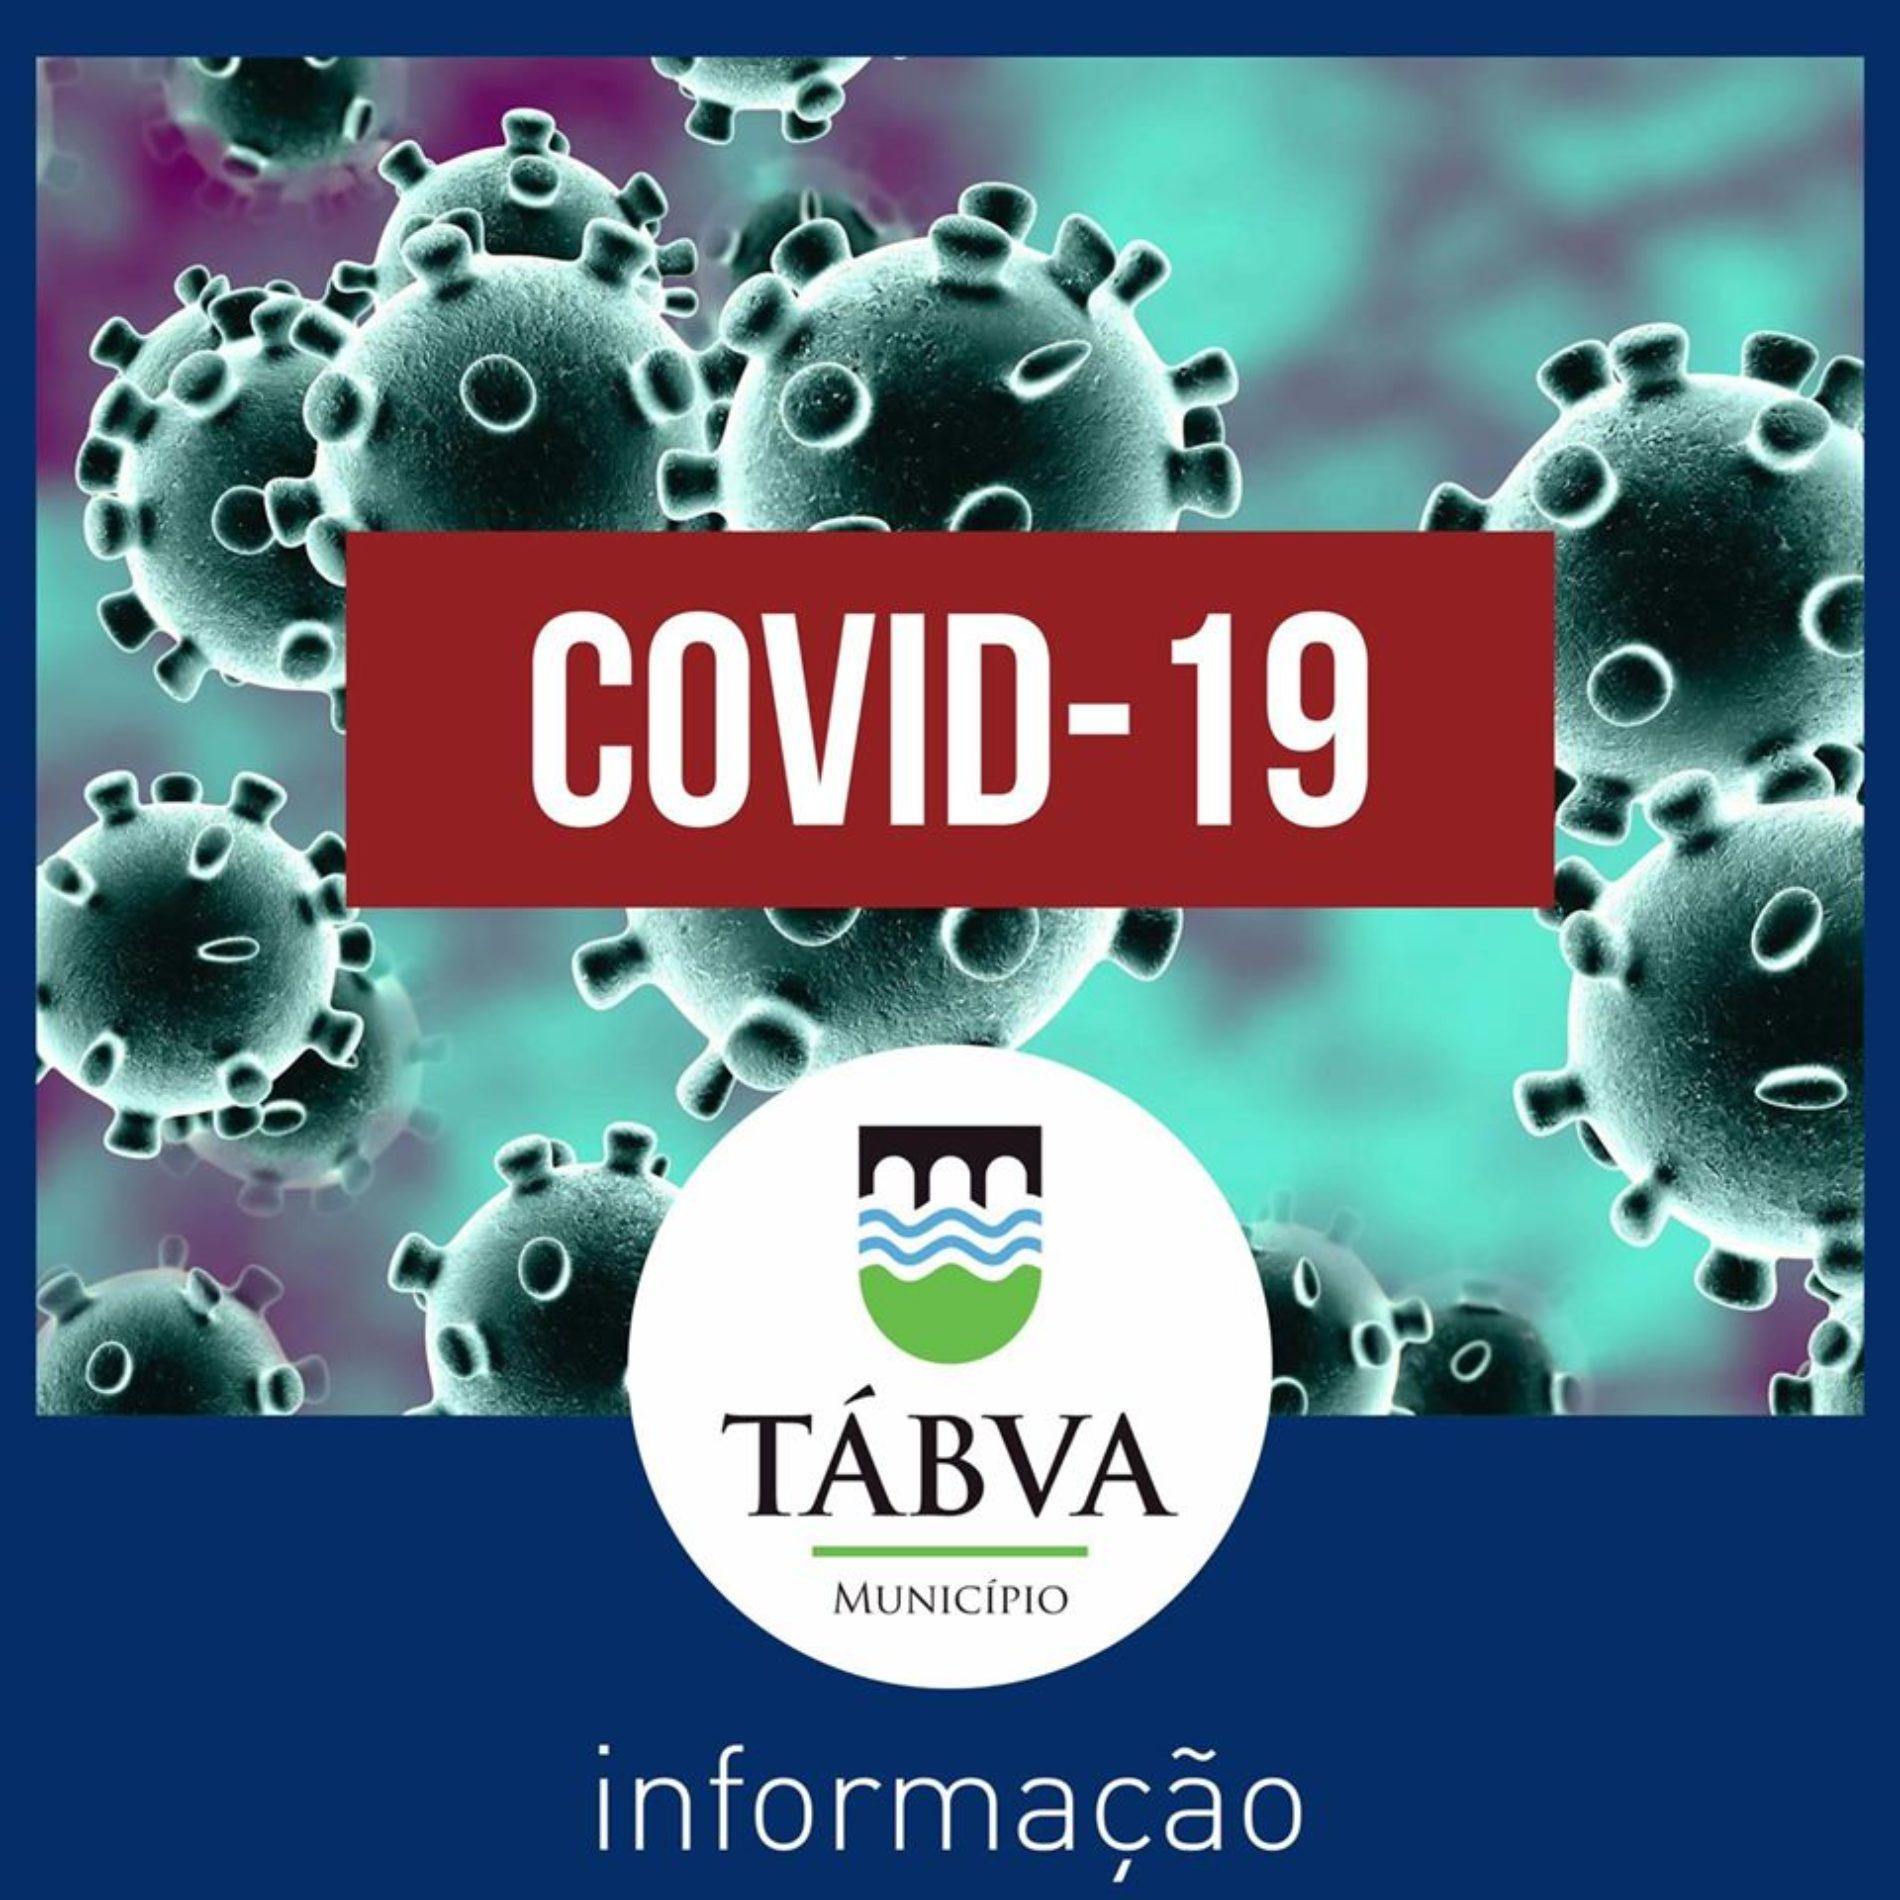 Tábua: Município ativa Plano de Contingência e cancela atividades para reduzir riscos face ao Covid-19